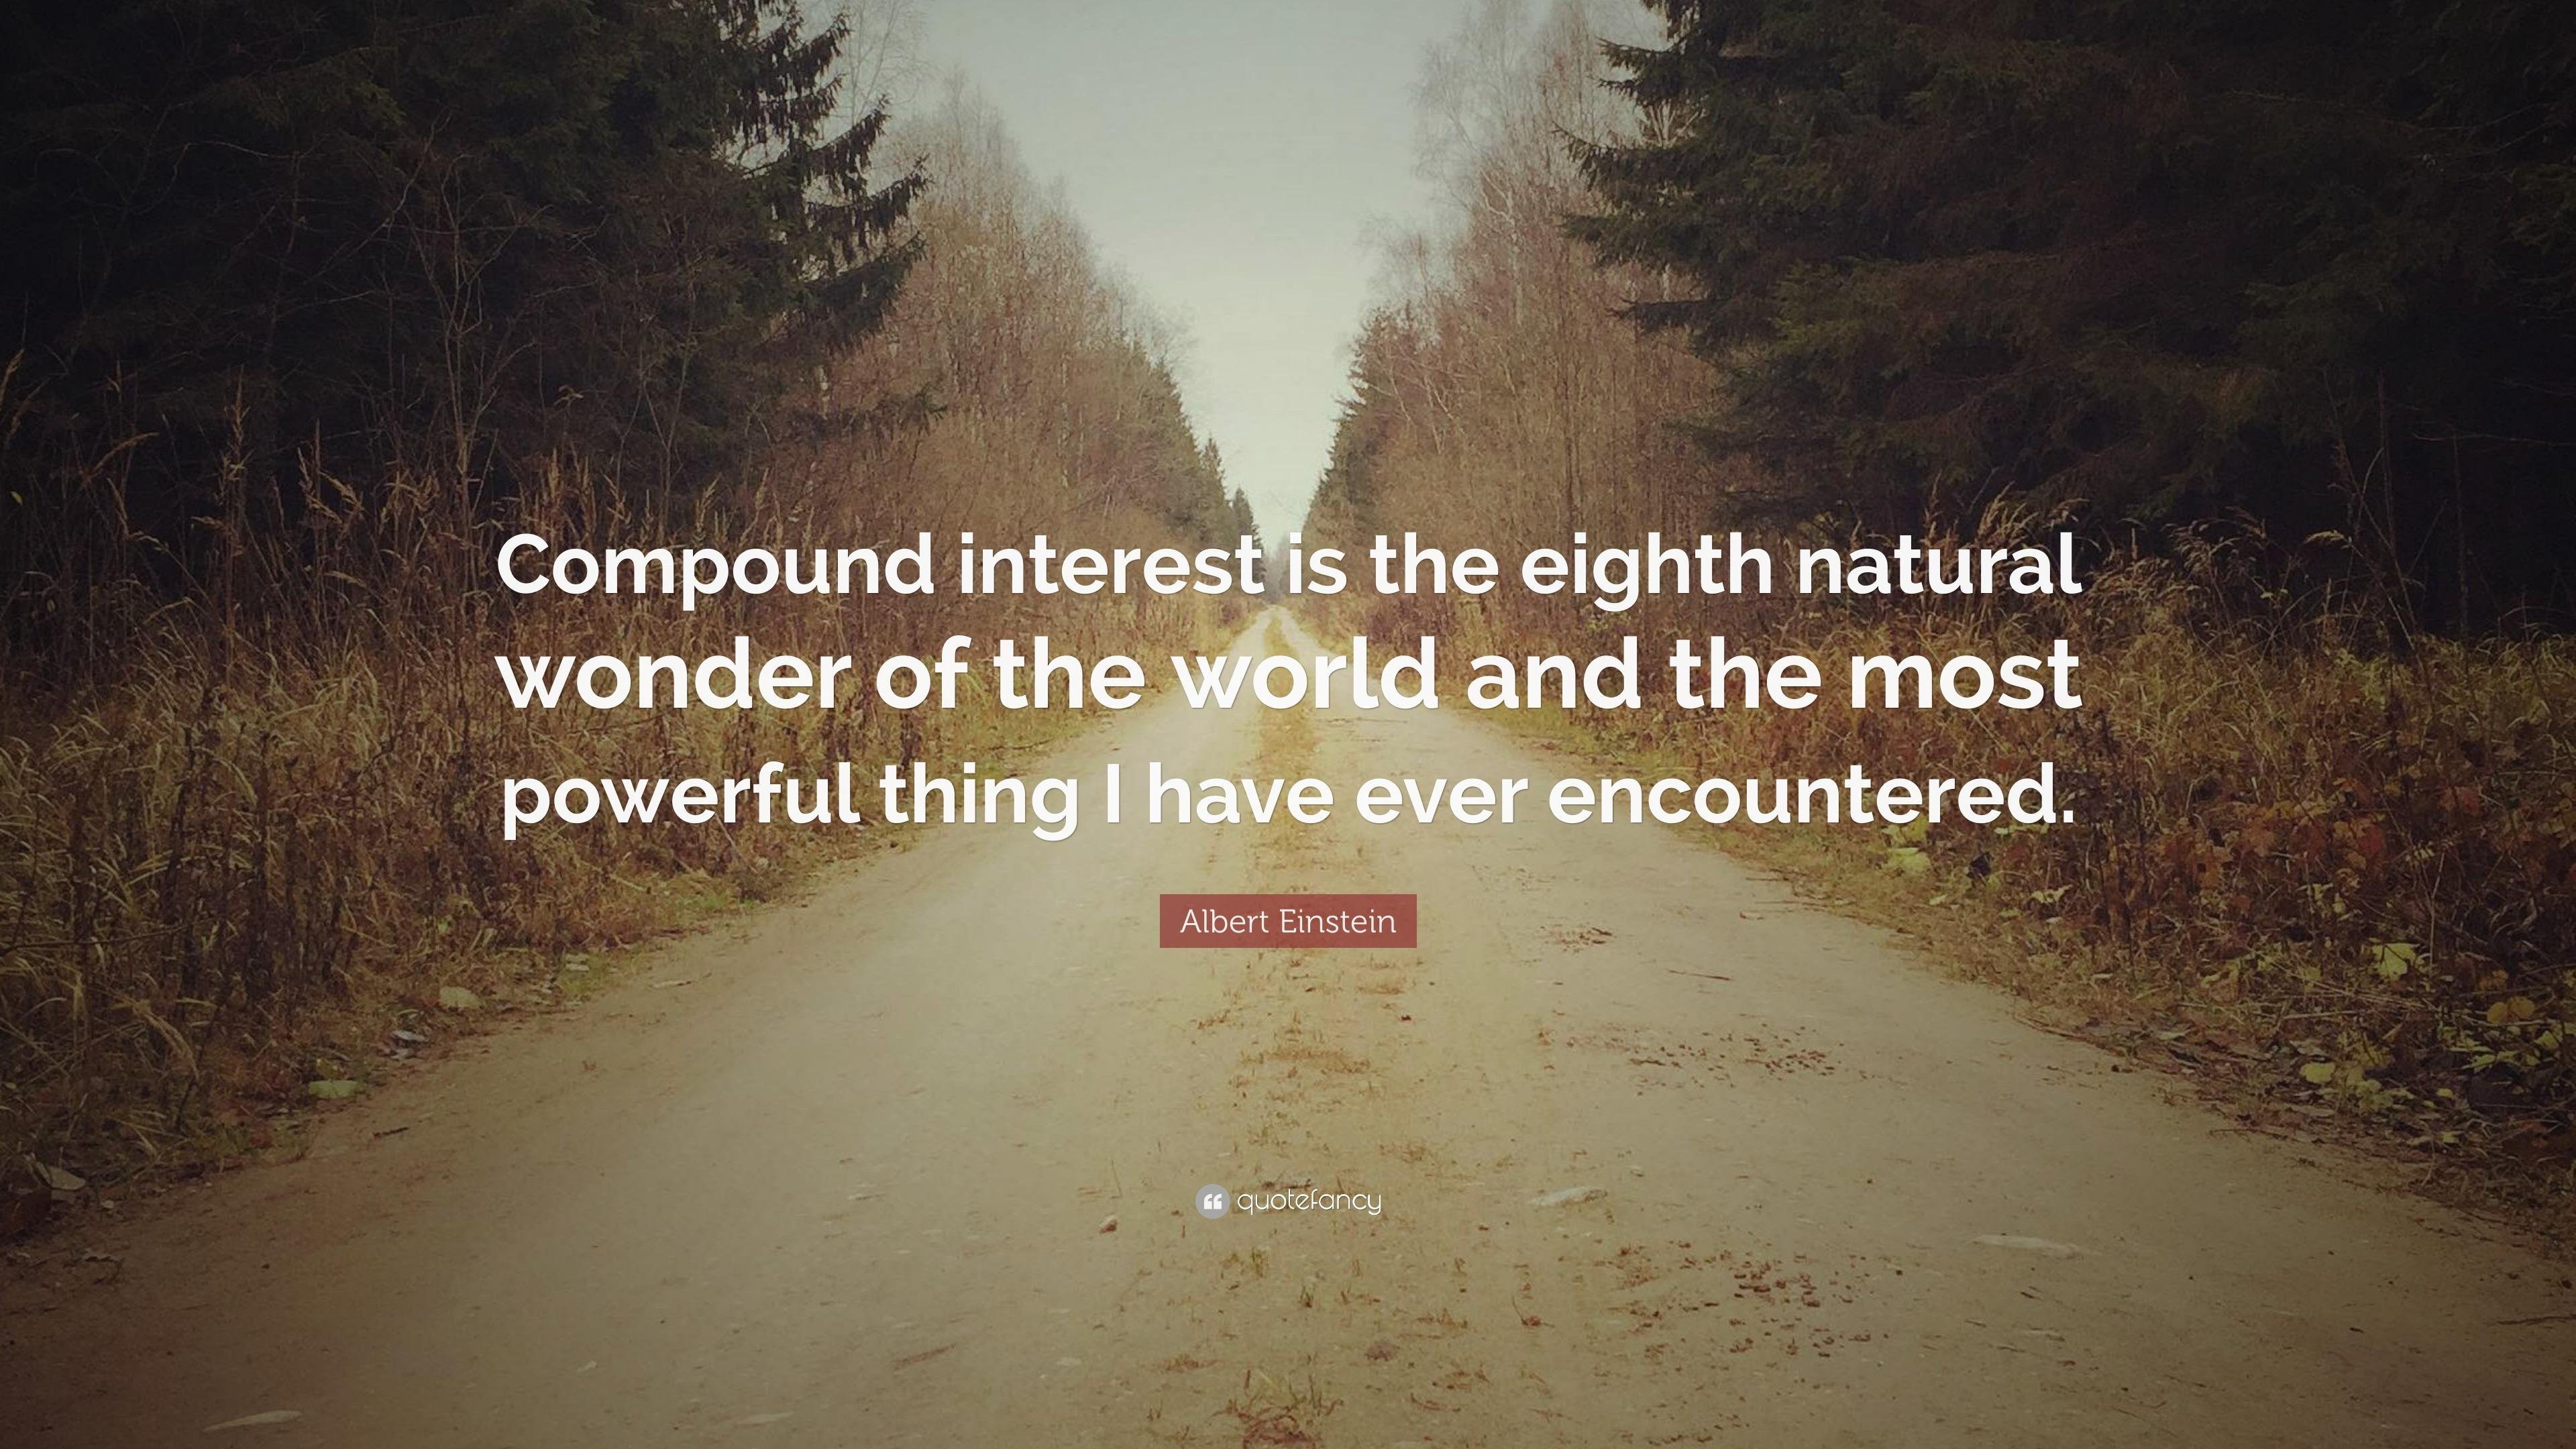 Albert Einstein Quote Compound Interest Is The Eighth Natural